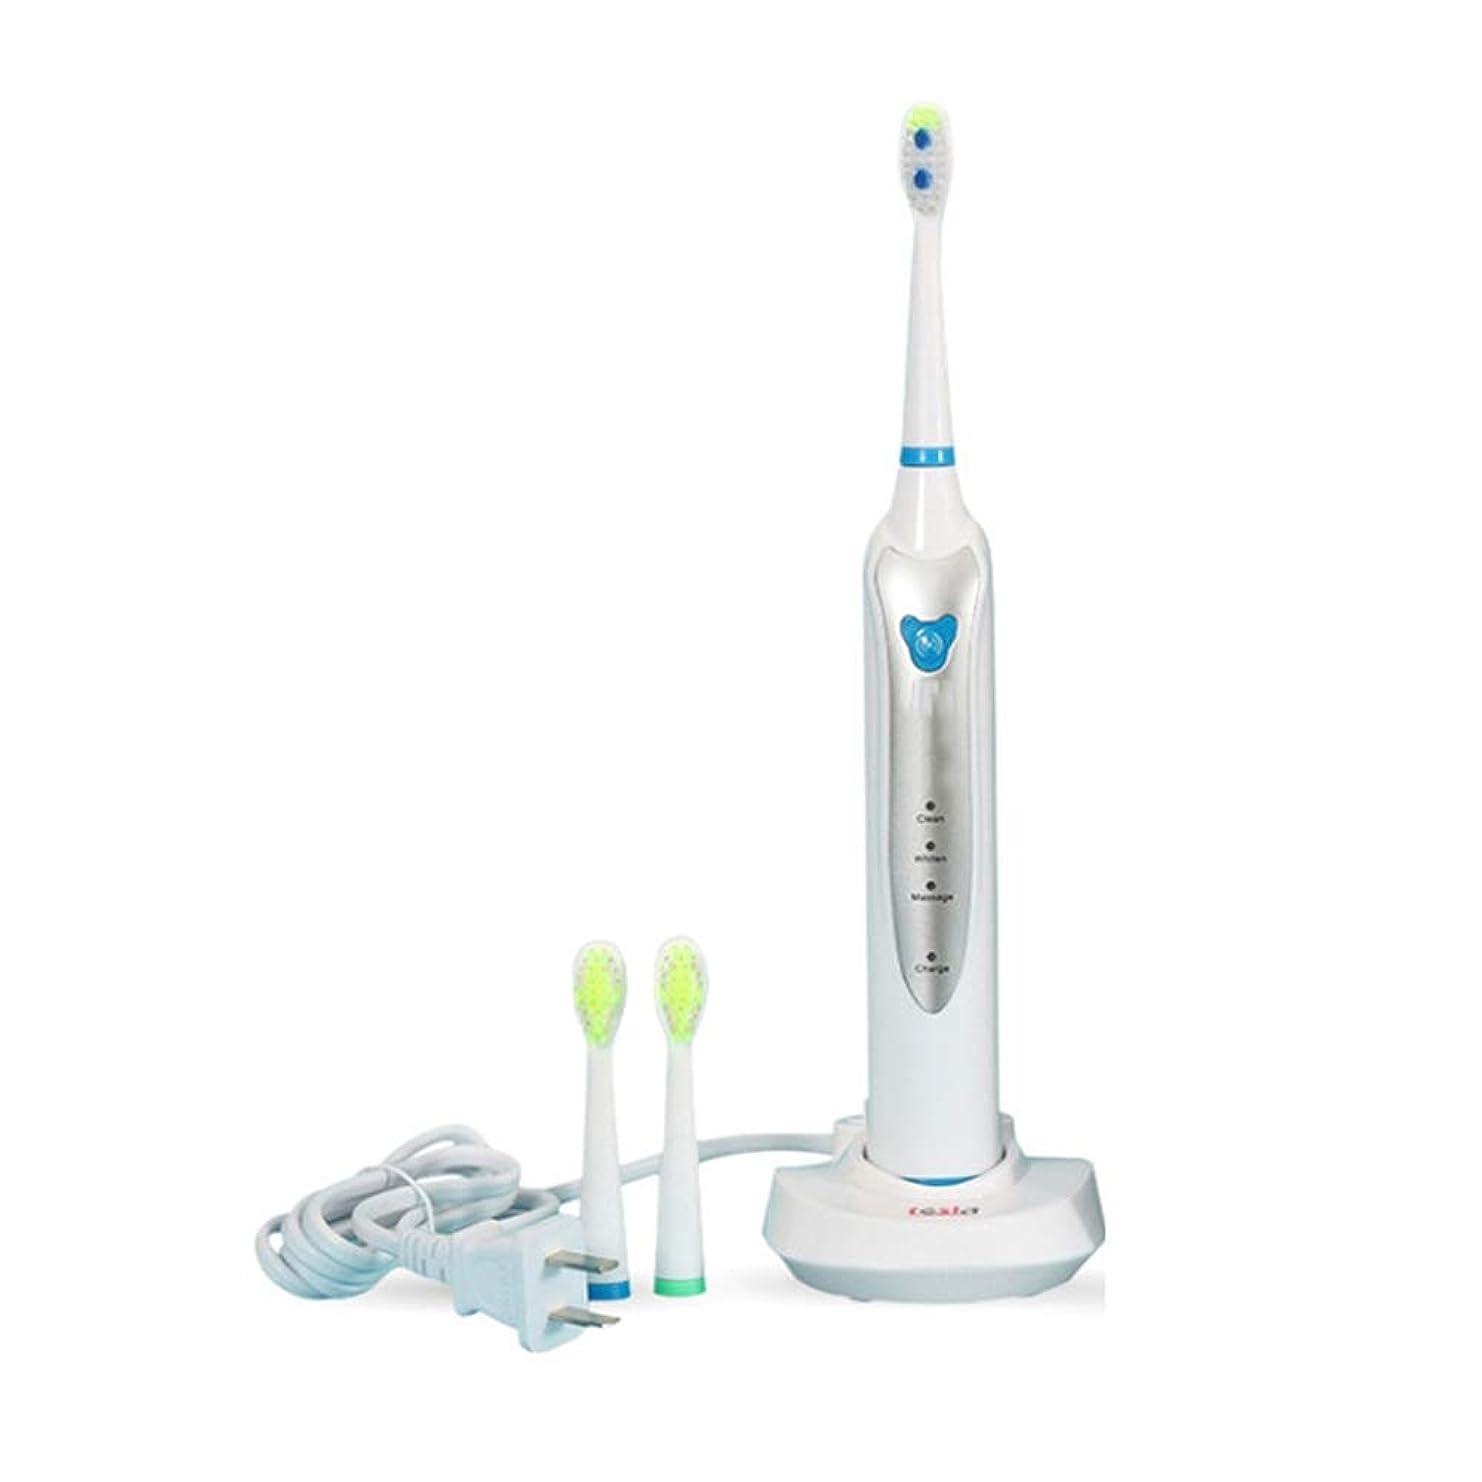 租界議題ささいな3つのクリーニングモードの誘導の再充電可能な電動歯ブラシIPX7の防水音波の歯ブラシ押しボタンの大人の電動歯ブラシ,White